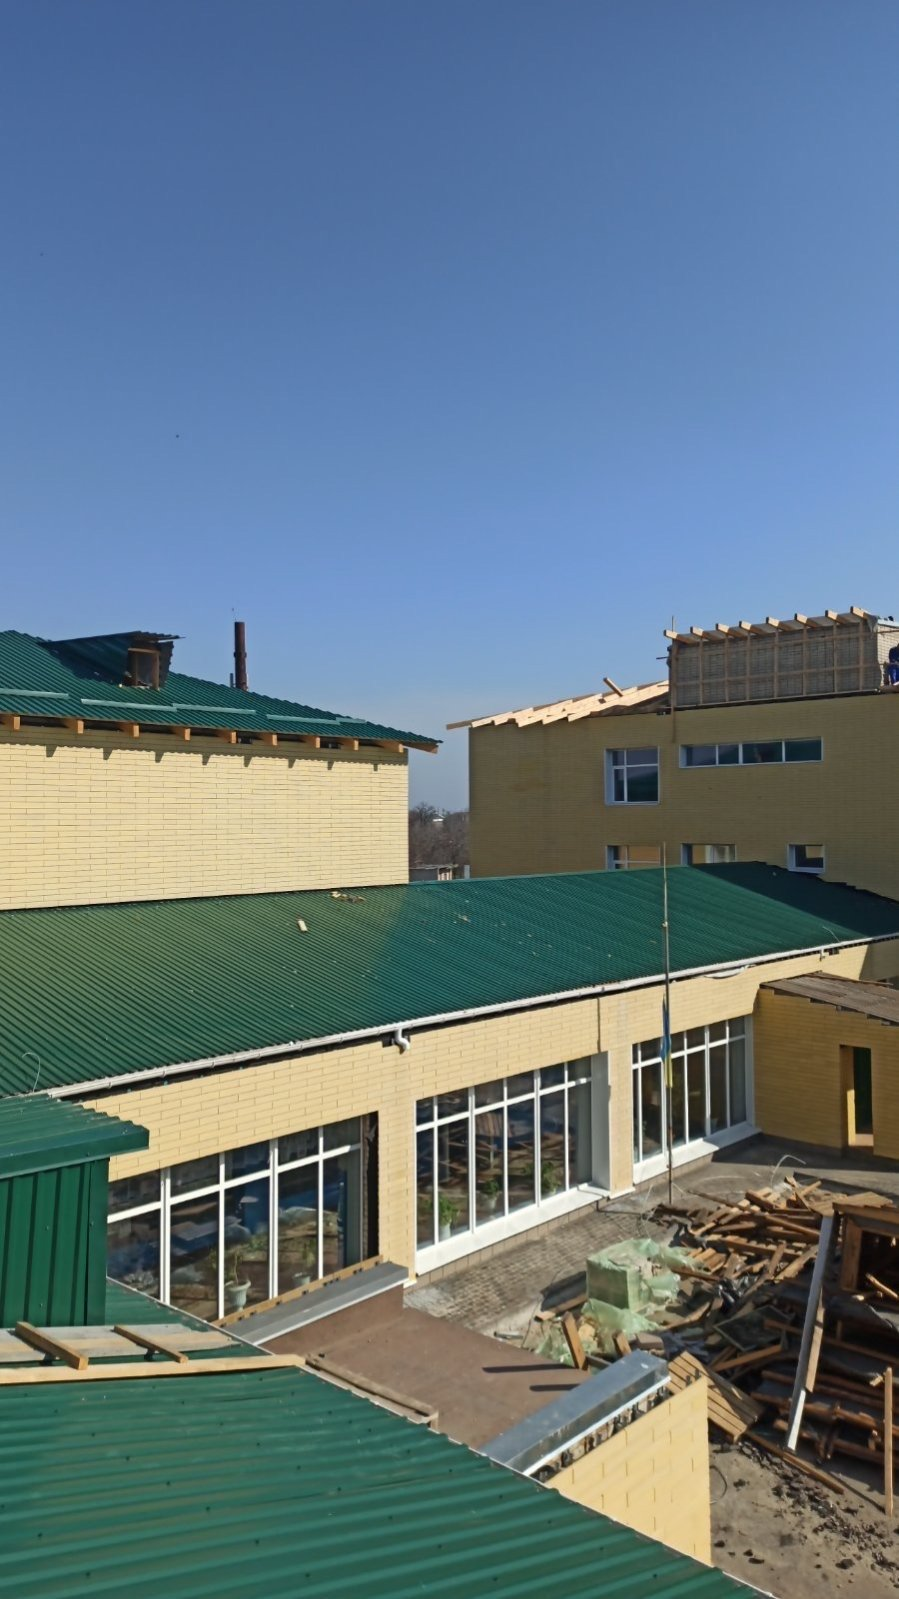 На Днепропетровщине капитально ремонтируют лицей на более 600 учеников, - ФОТО, фото-2